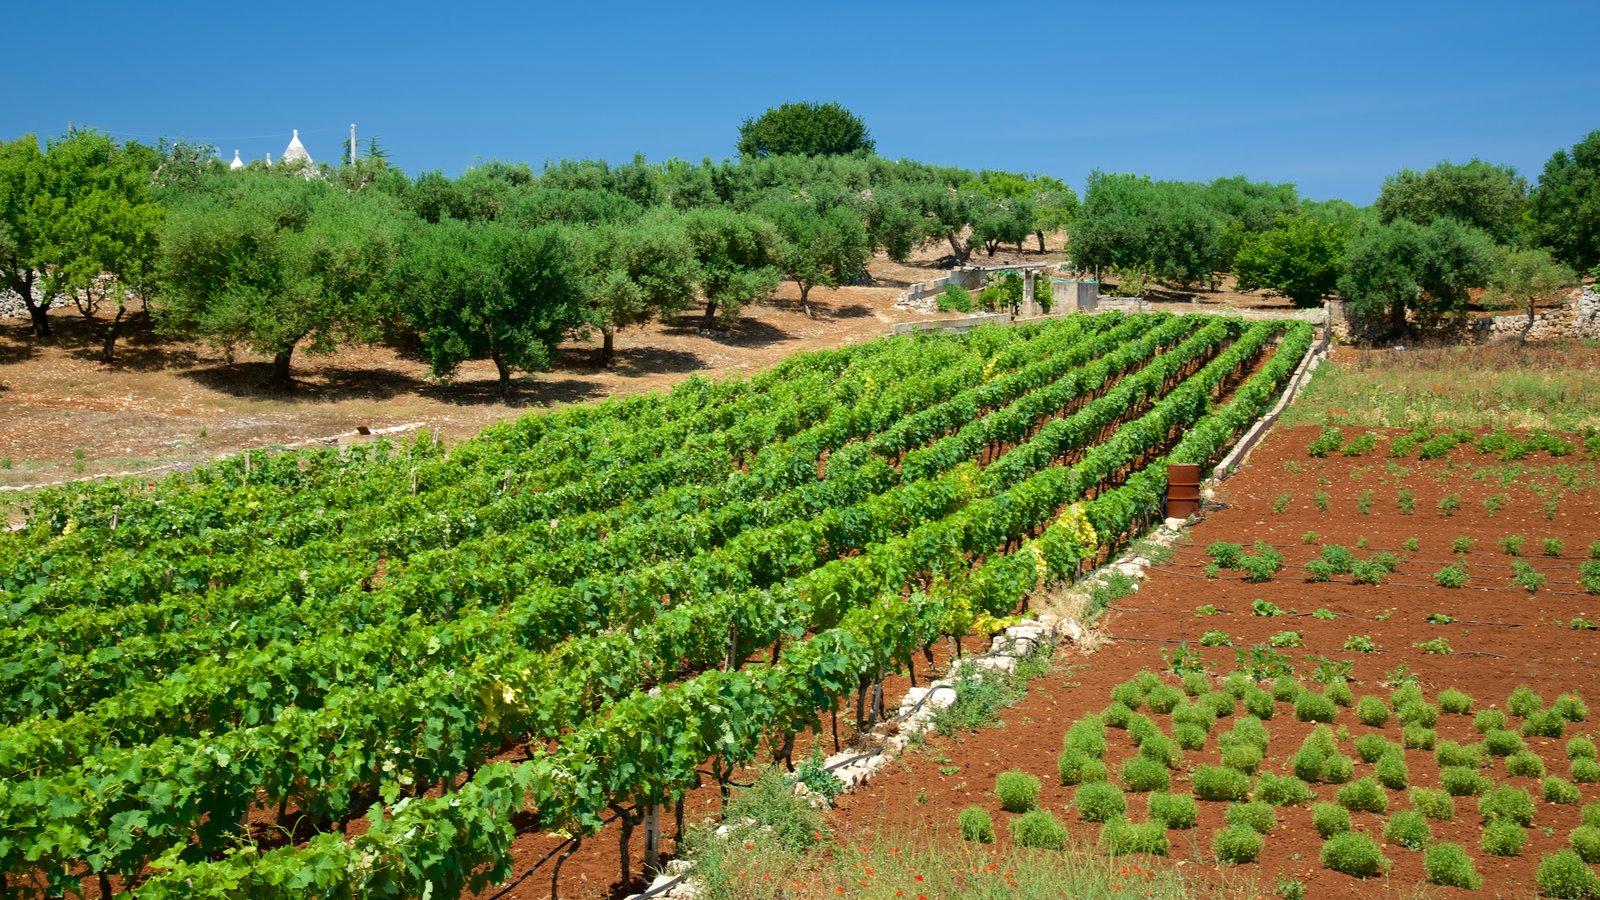 Brindisi featuring farmland